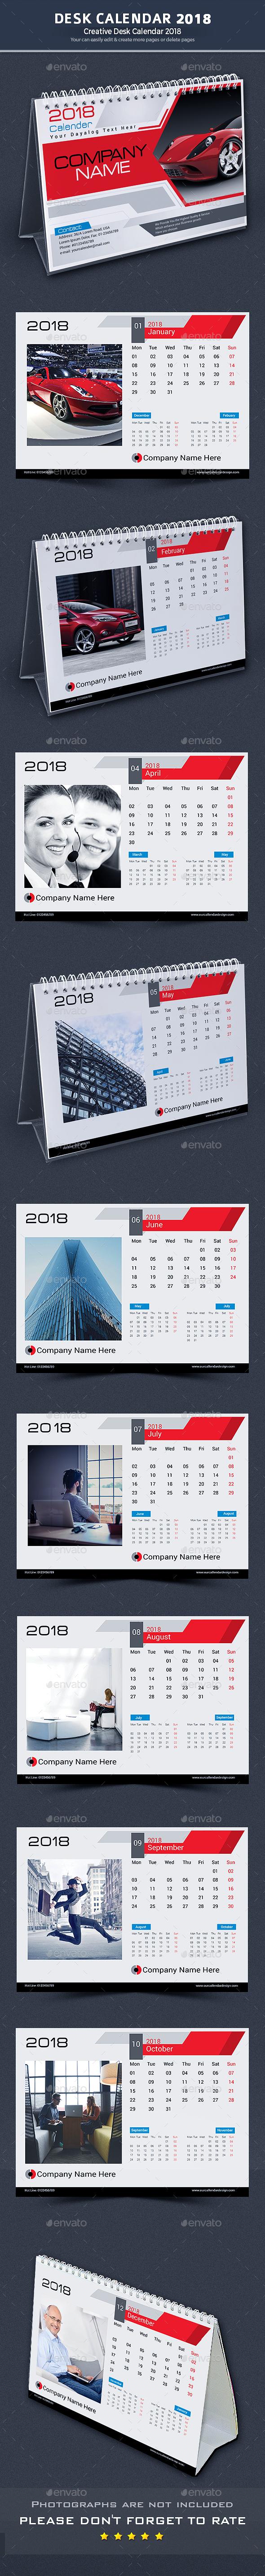 GraphicRiver Desk Calendar 2018 20387146